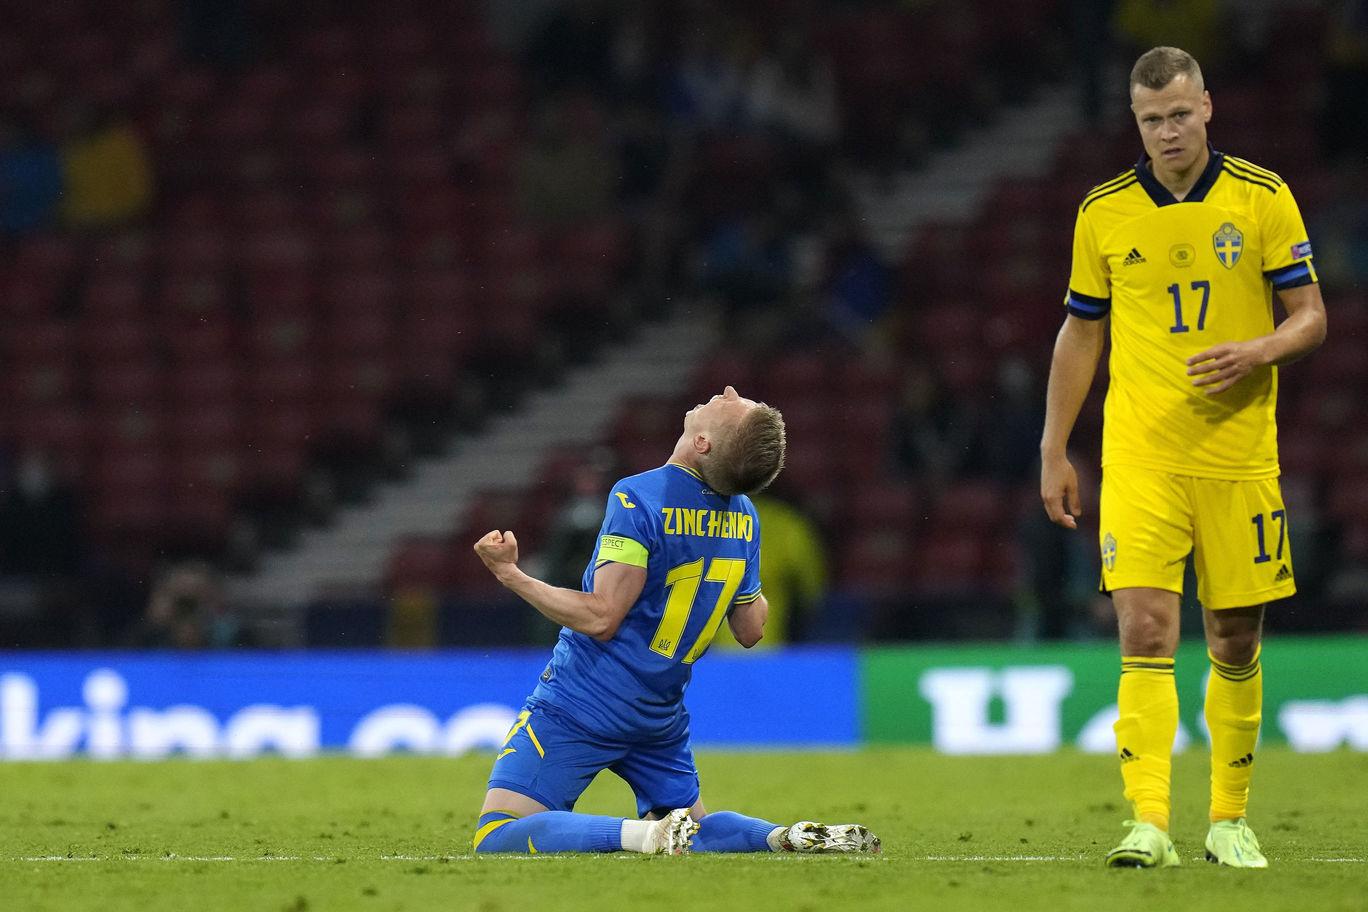 """""""Очевидное превосходство, удобный соперник"""". Что говорят в Англии о четвертьфинале с Украиной - изображение 2"""